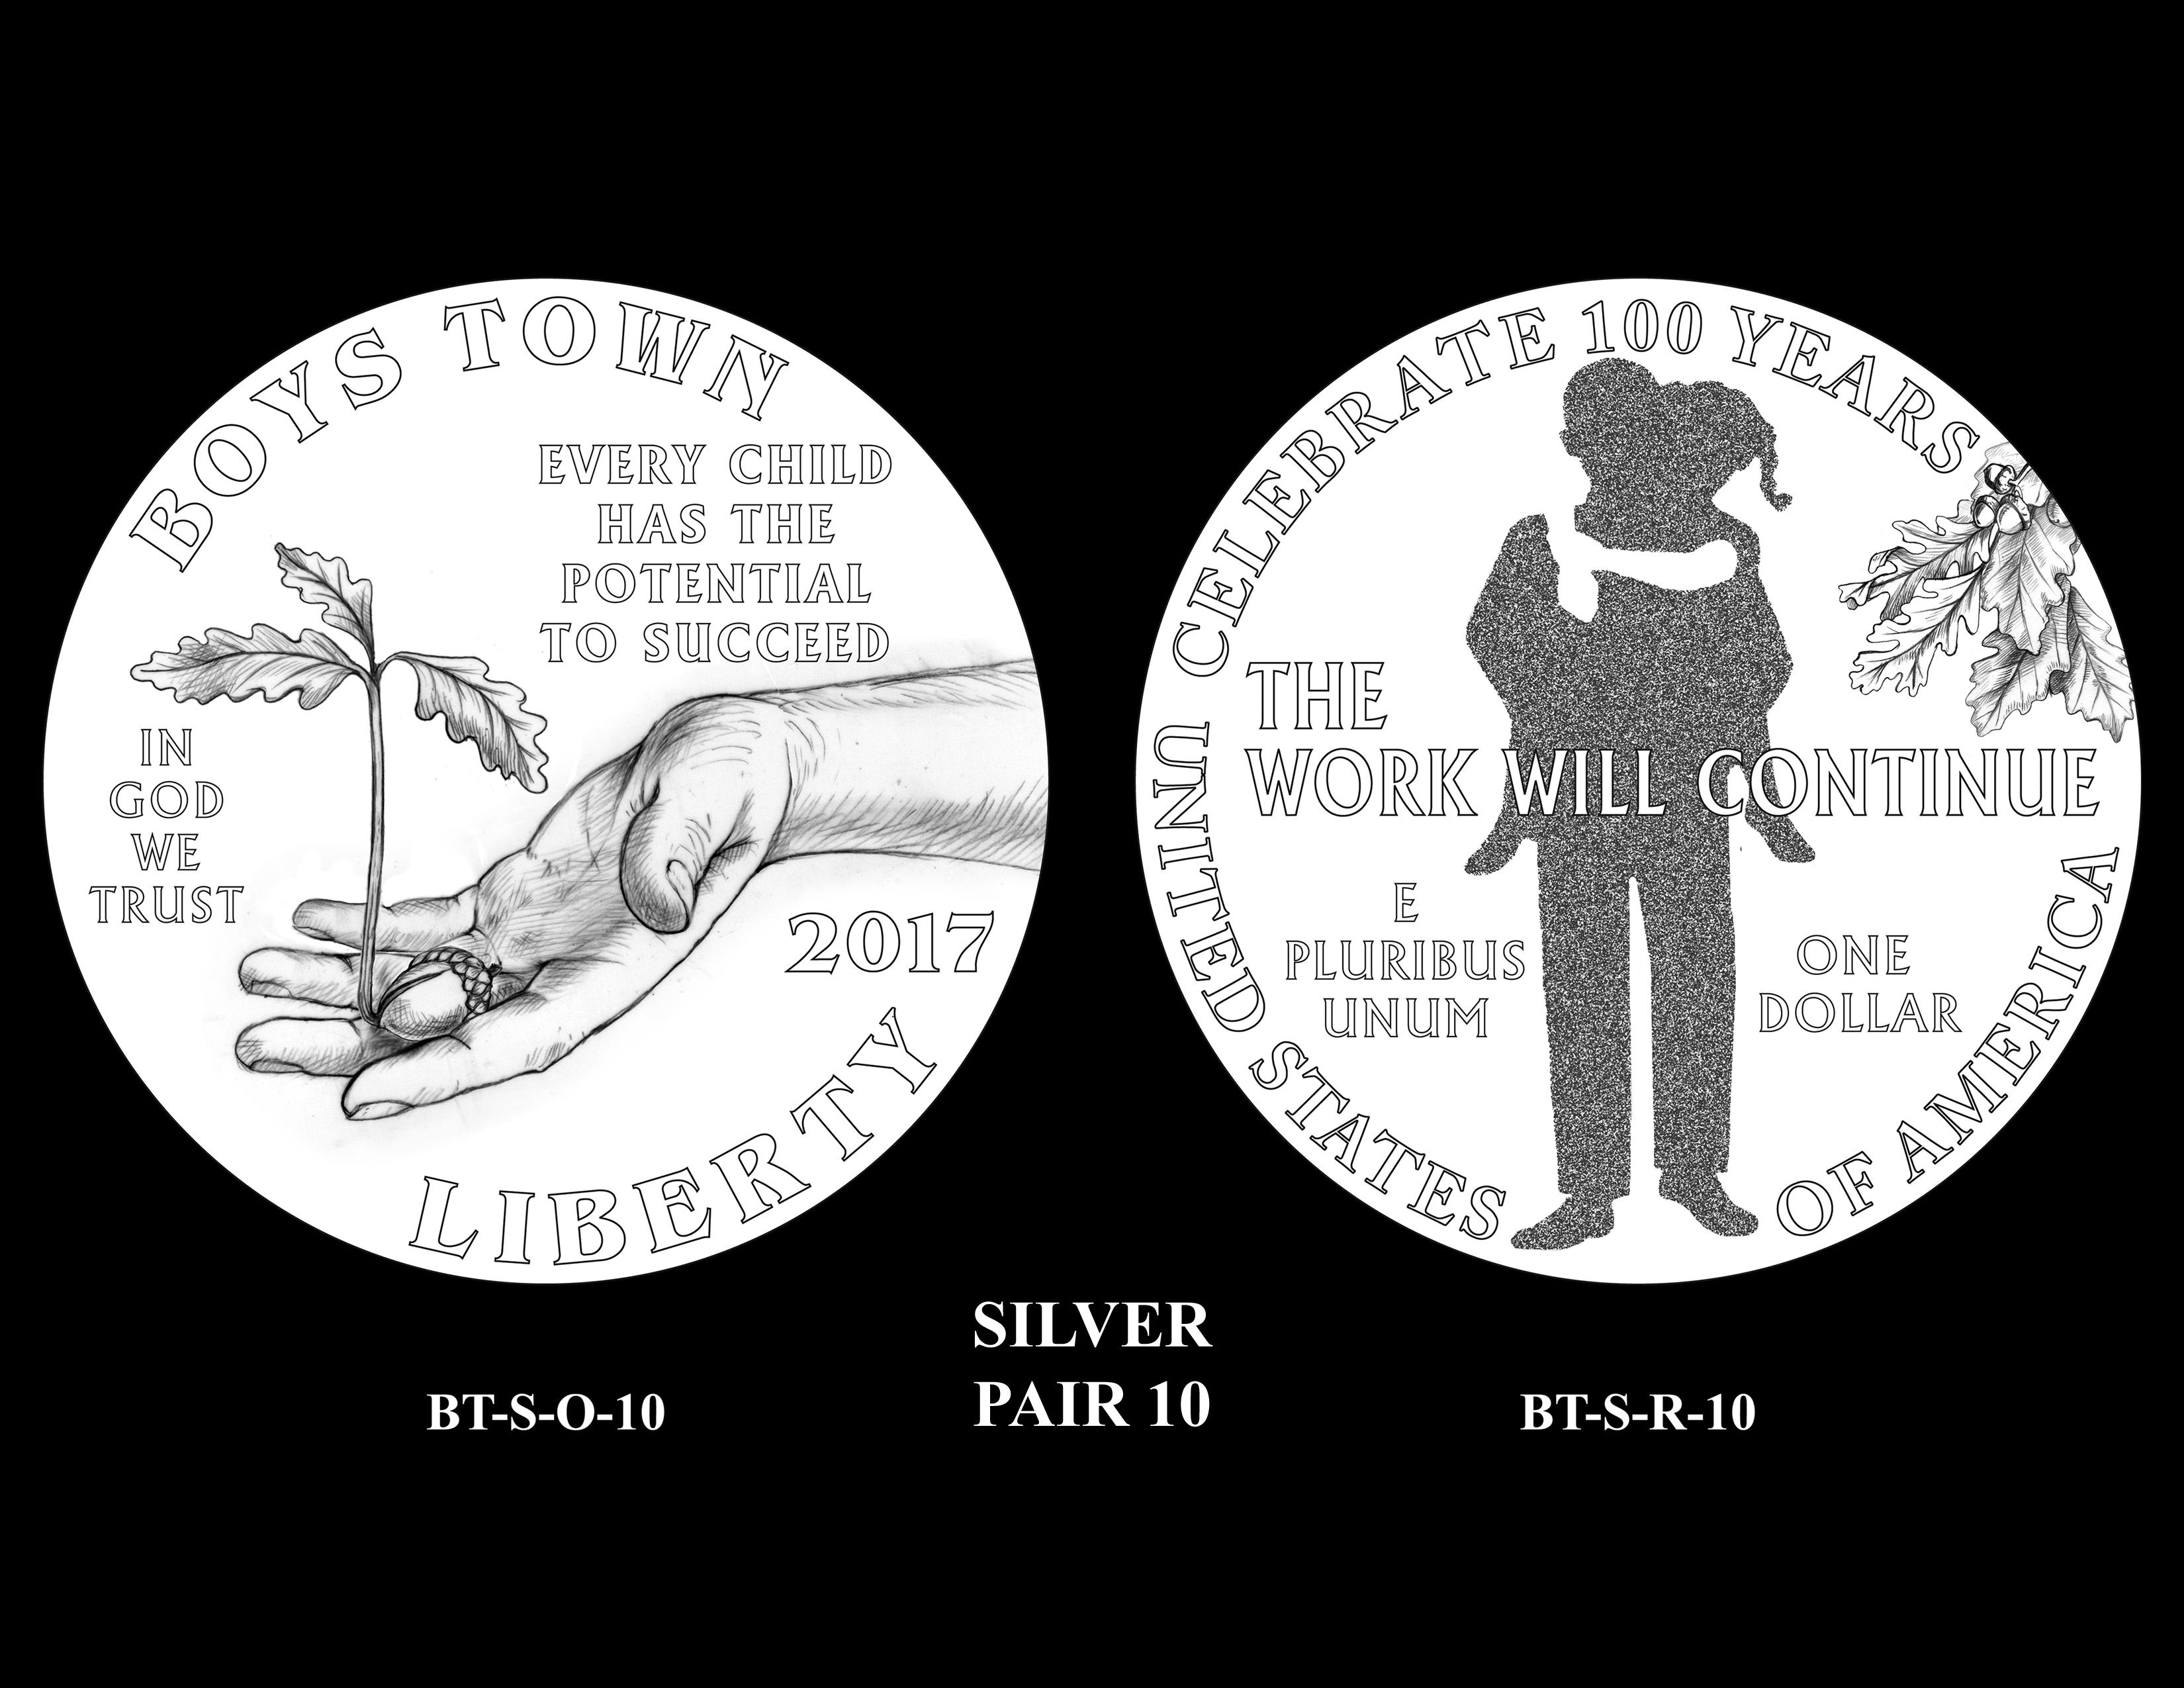 silver-pair-10_25402663460_o